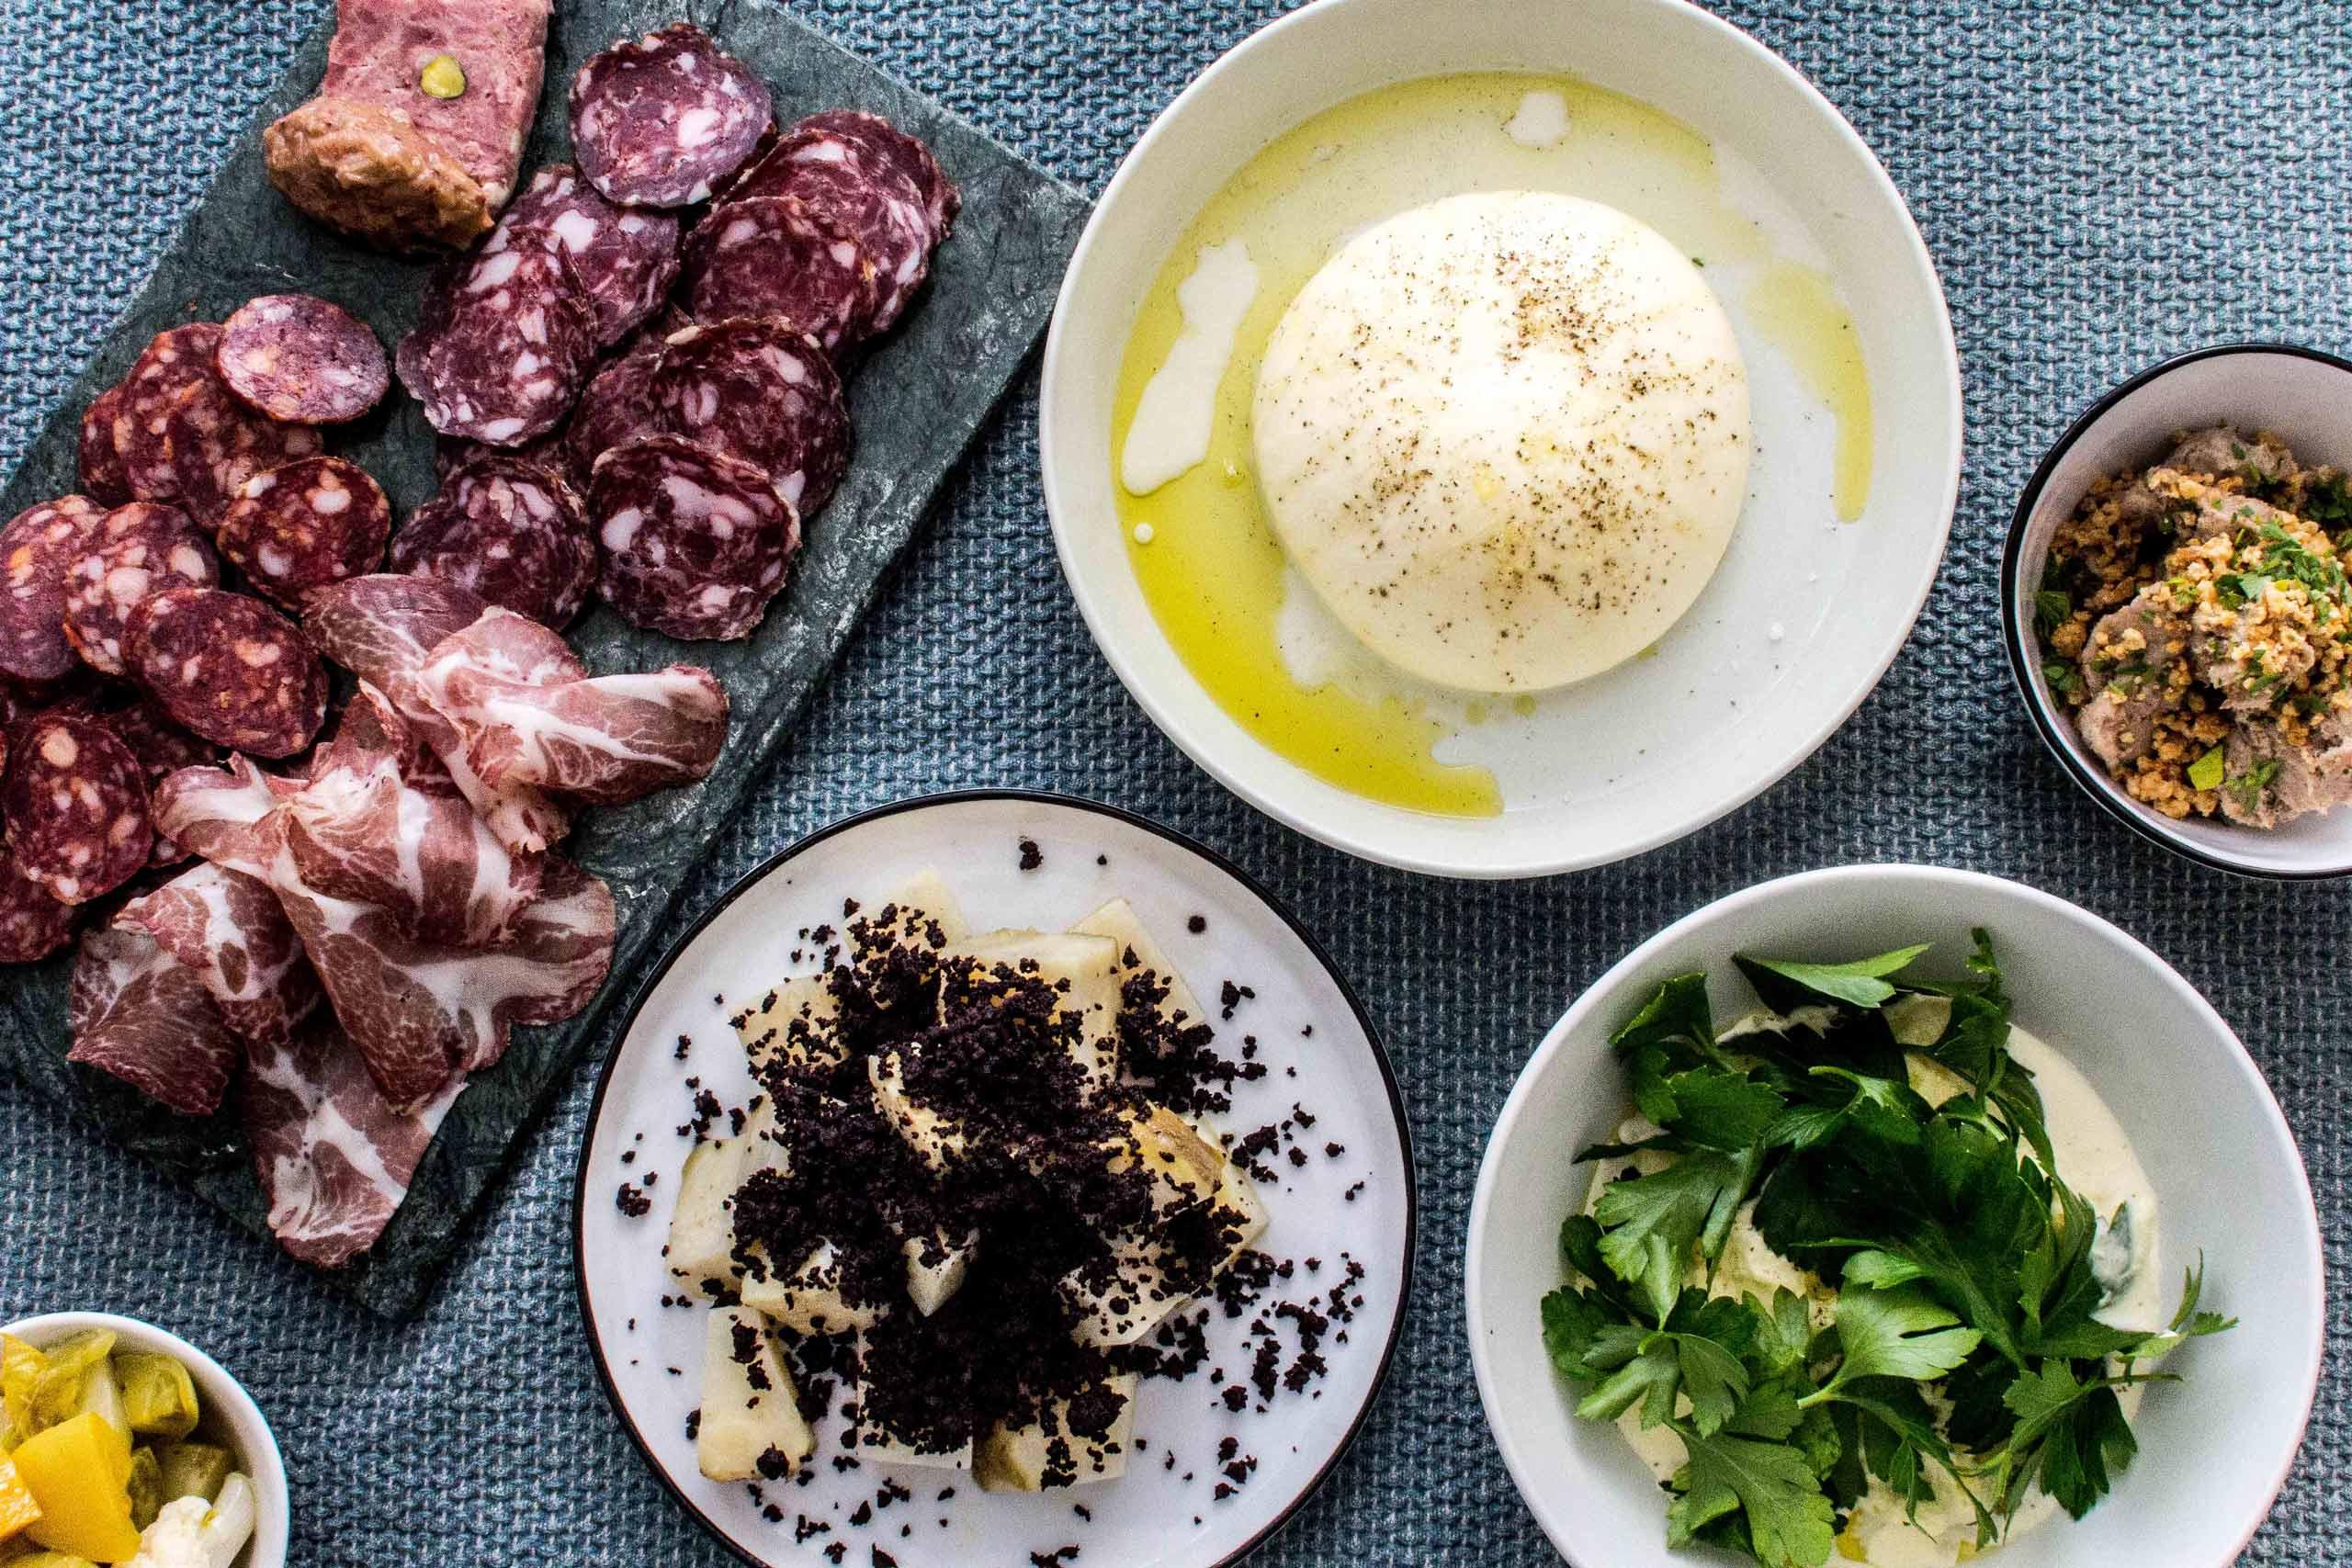 Økologisk mad og vin til konfirmation, fødselsdag og meget mere hos os eller som catering fra Puglisi Events. Billede af: Rachel Jones.